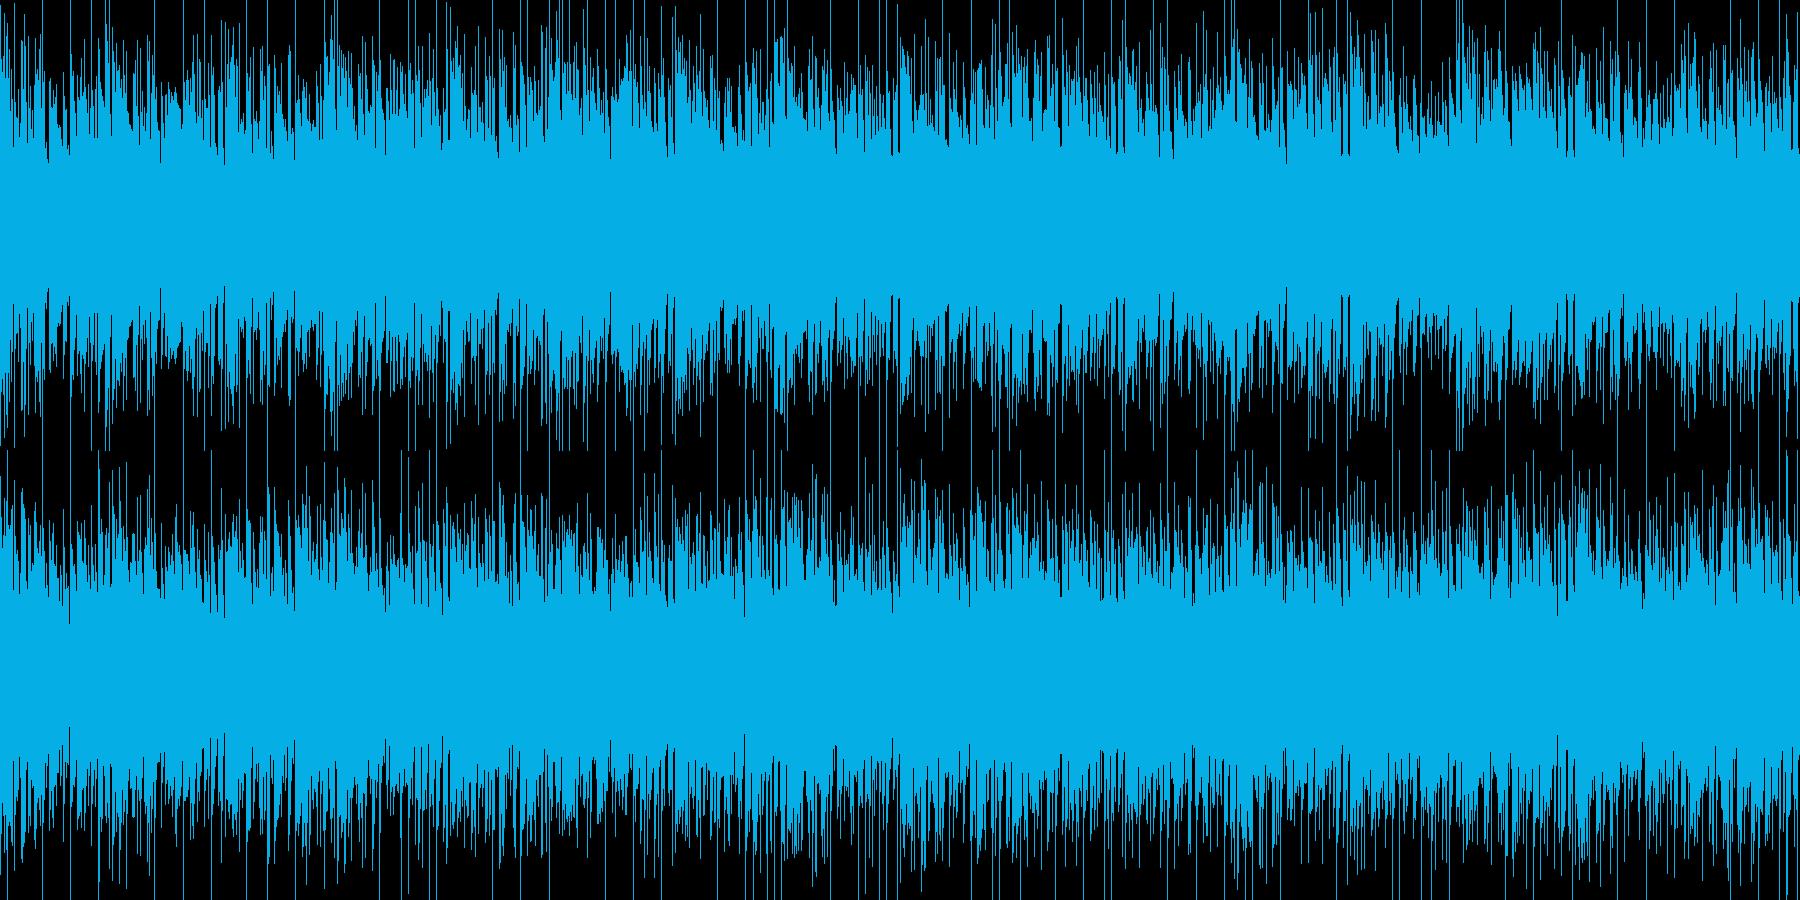 壮絶・悲惨をイメージしたBGMの再生済みの波形